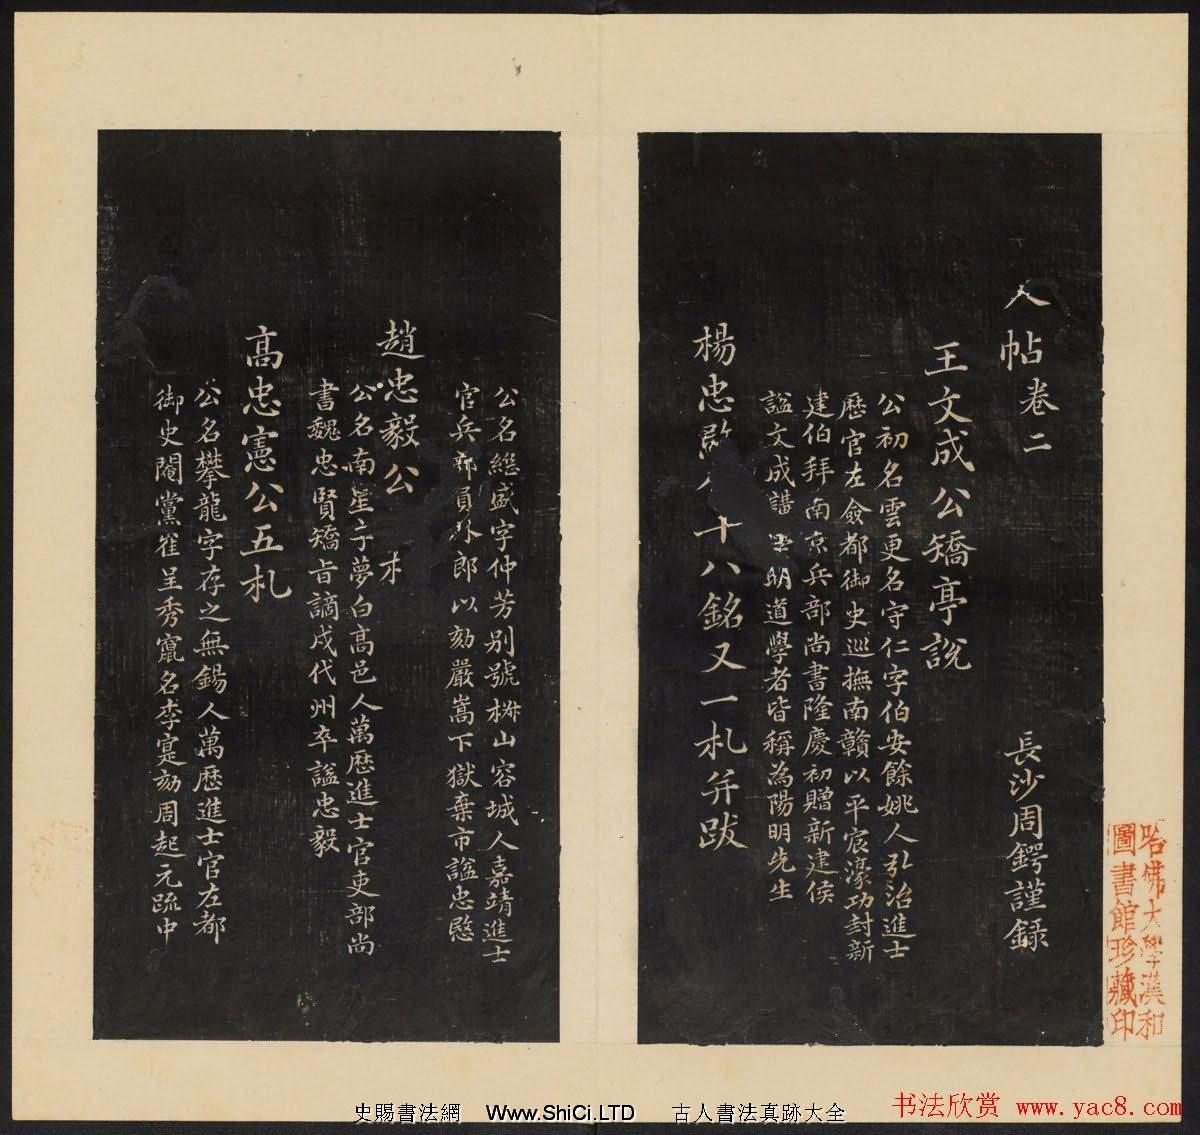 哈佛大學圖書館藏《人帖》卷二(共32張圖片)